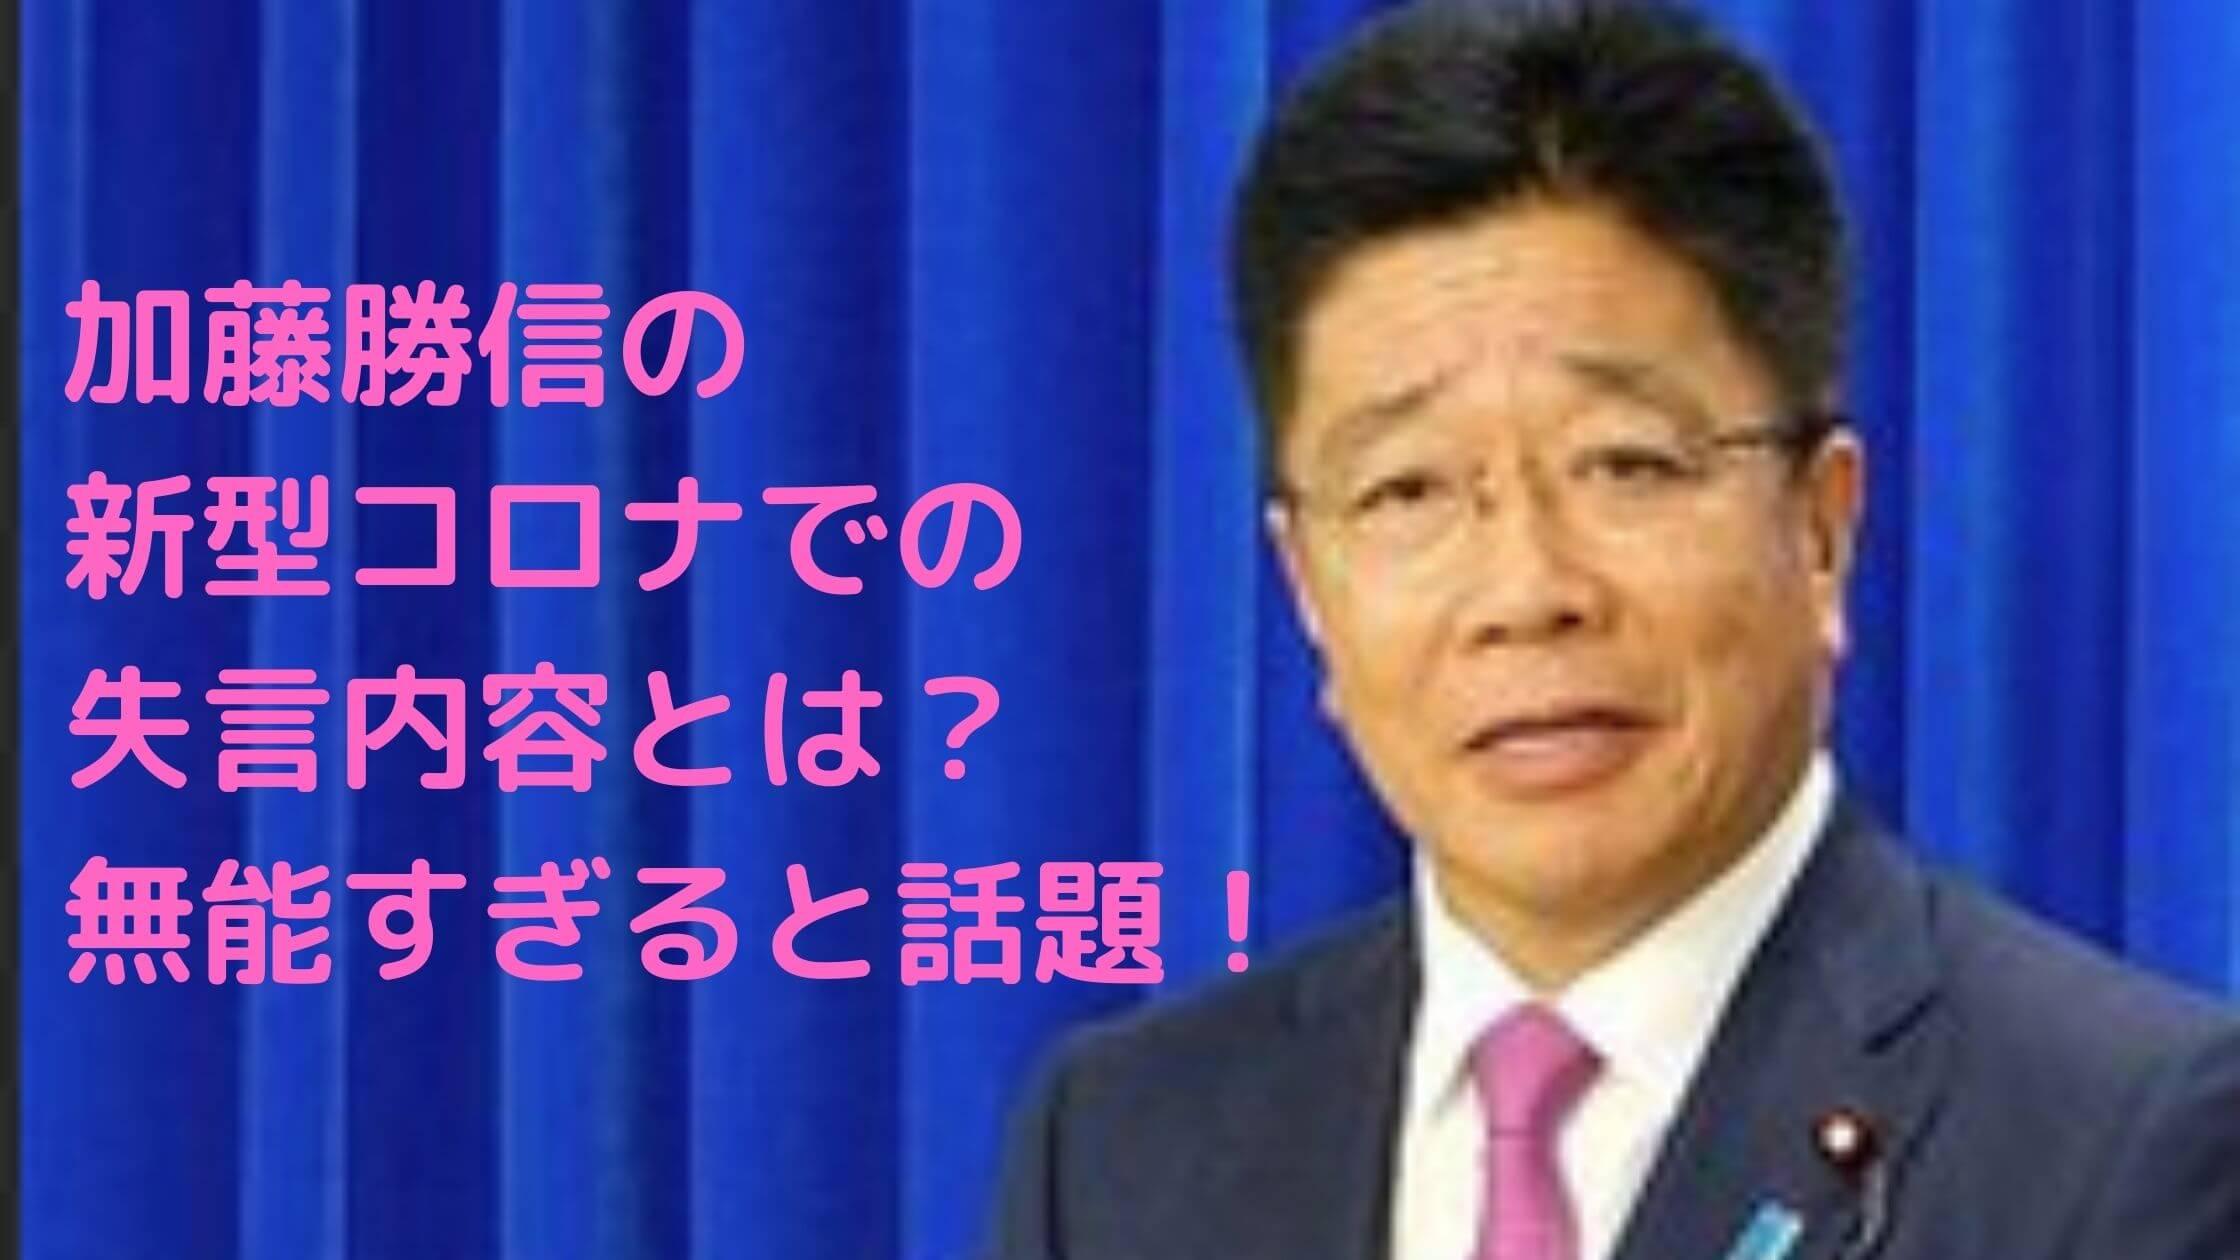 大臣 無能 加藤 厚生 労働 加藤勝信厚生労働大臣 日本をパンデミックに陥れた大臣